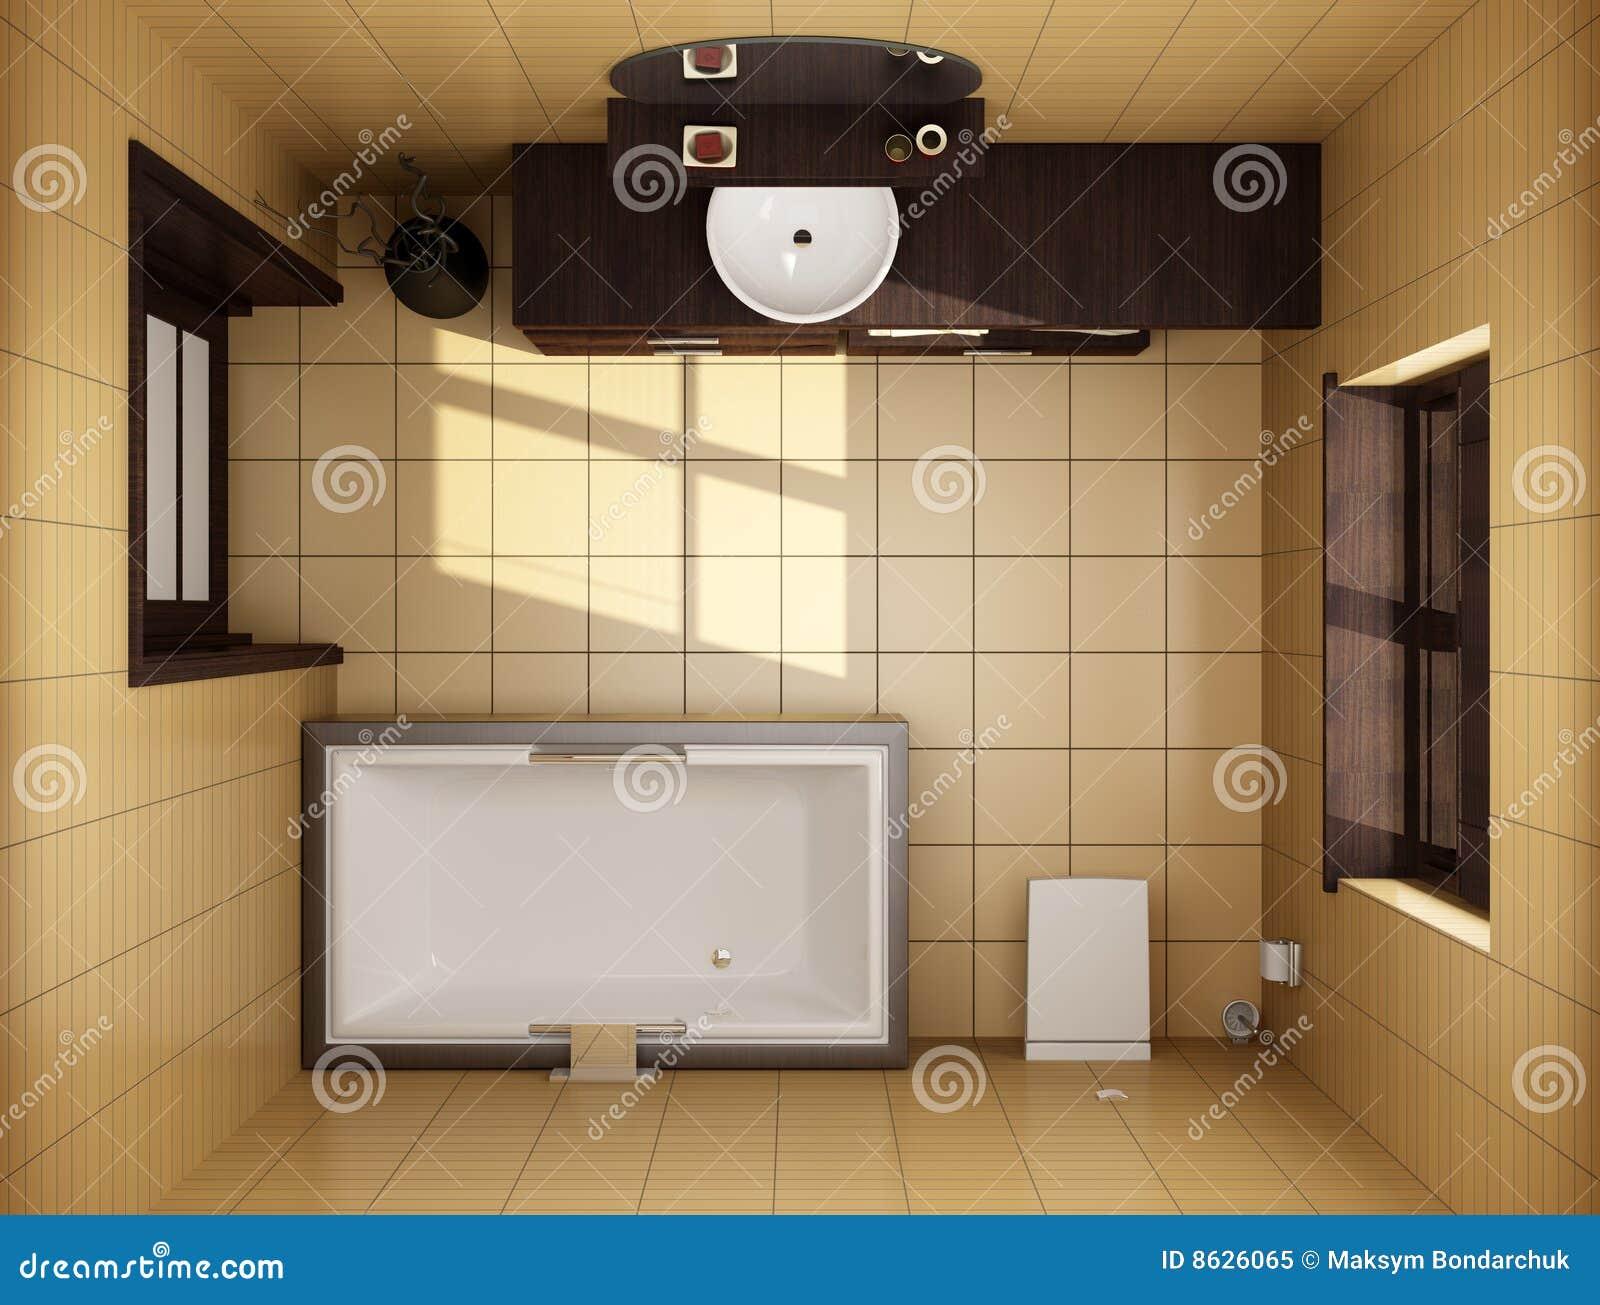 Vasca Da Bagno Stile Giapponese : Bagno giapponese prezzo design casa creativa e mobili ispiratori